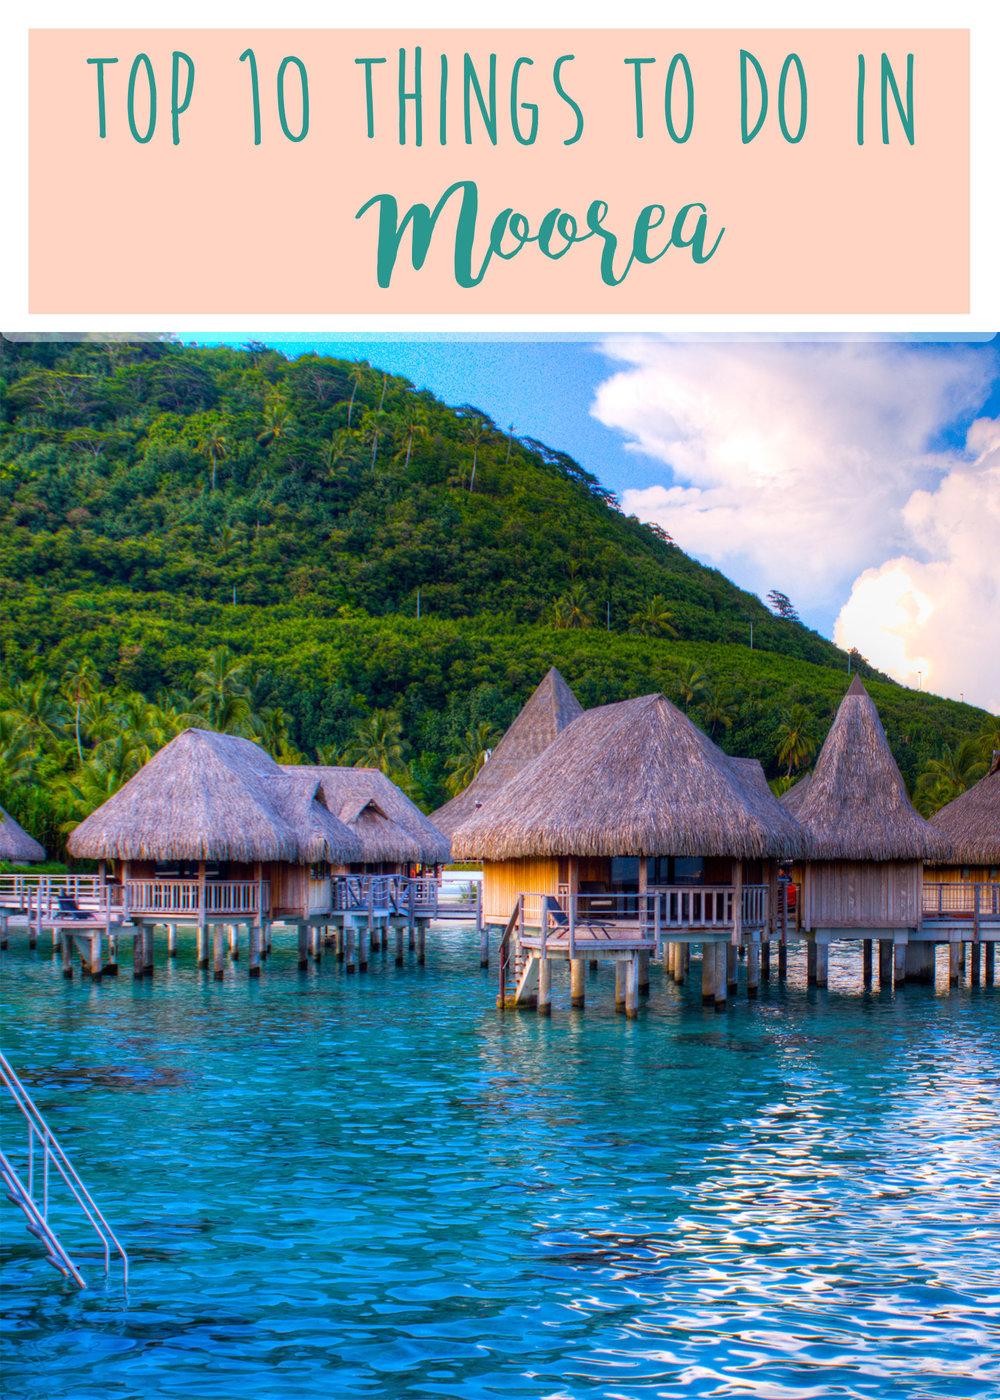 Top 10 things to do in Moorea - Wandering Jokas Travel Blog